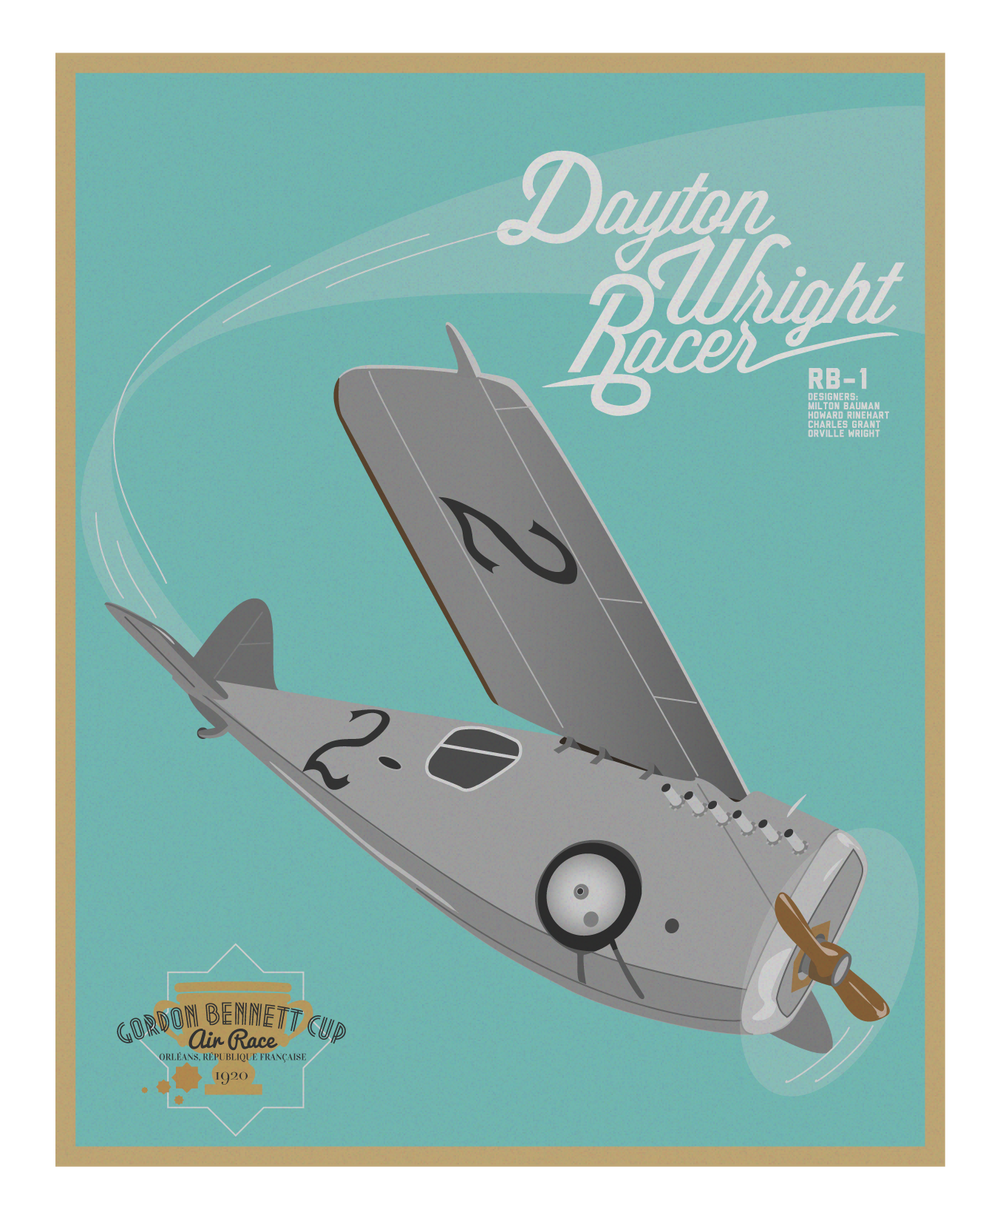 Dayton-Wright Racer.png